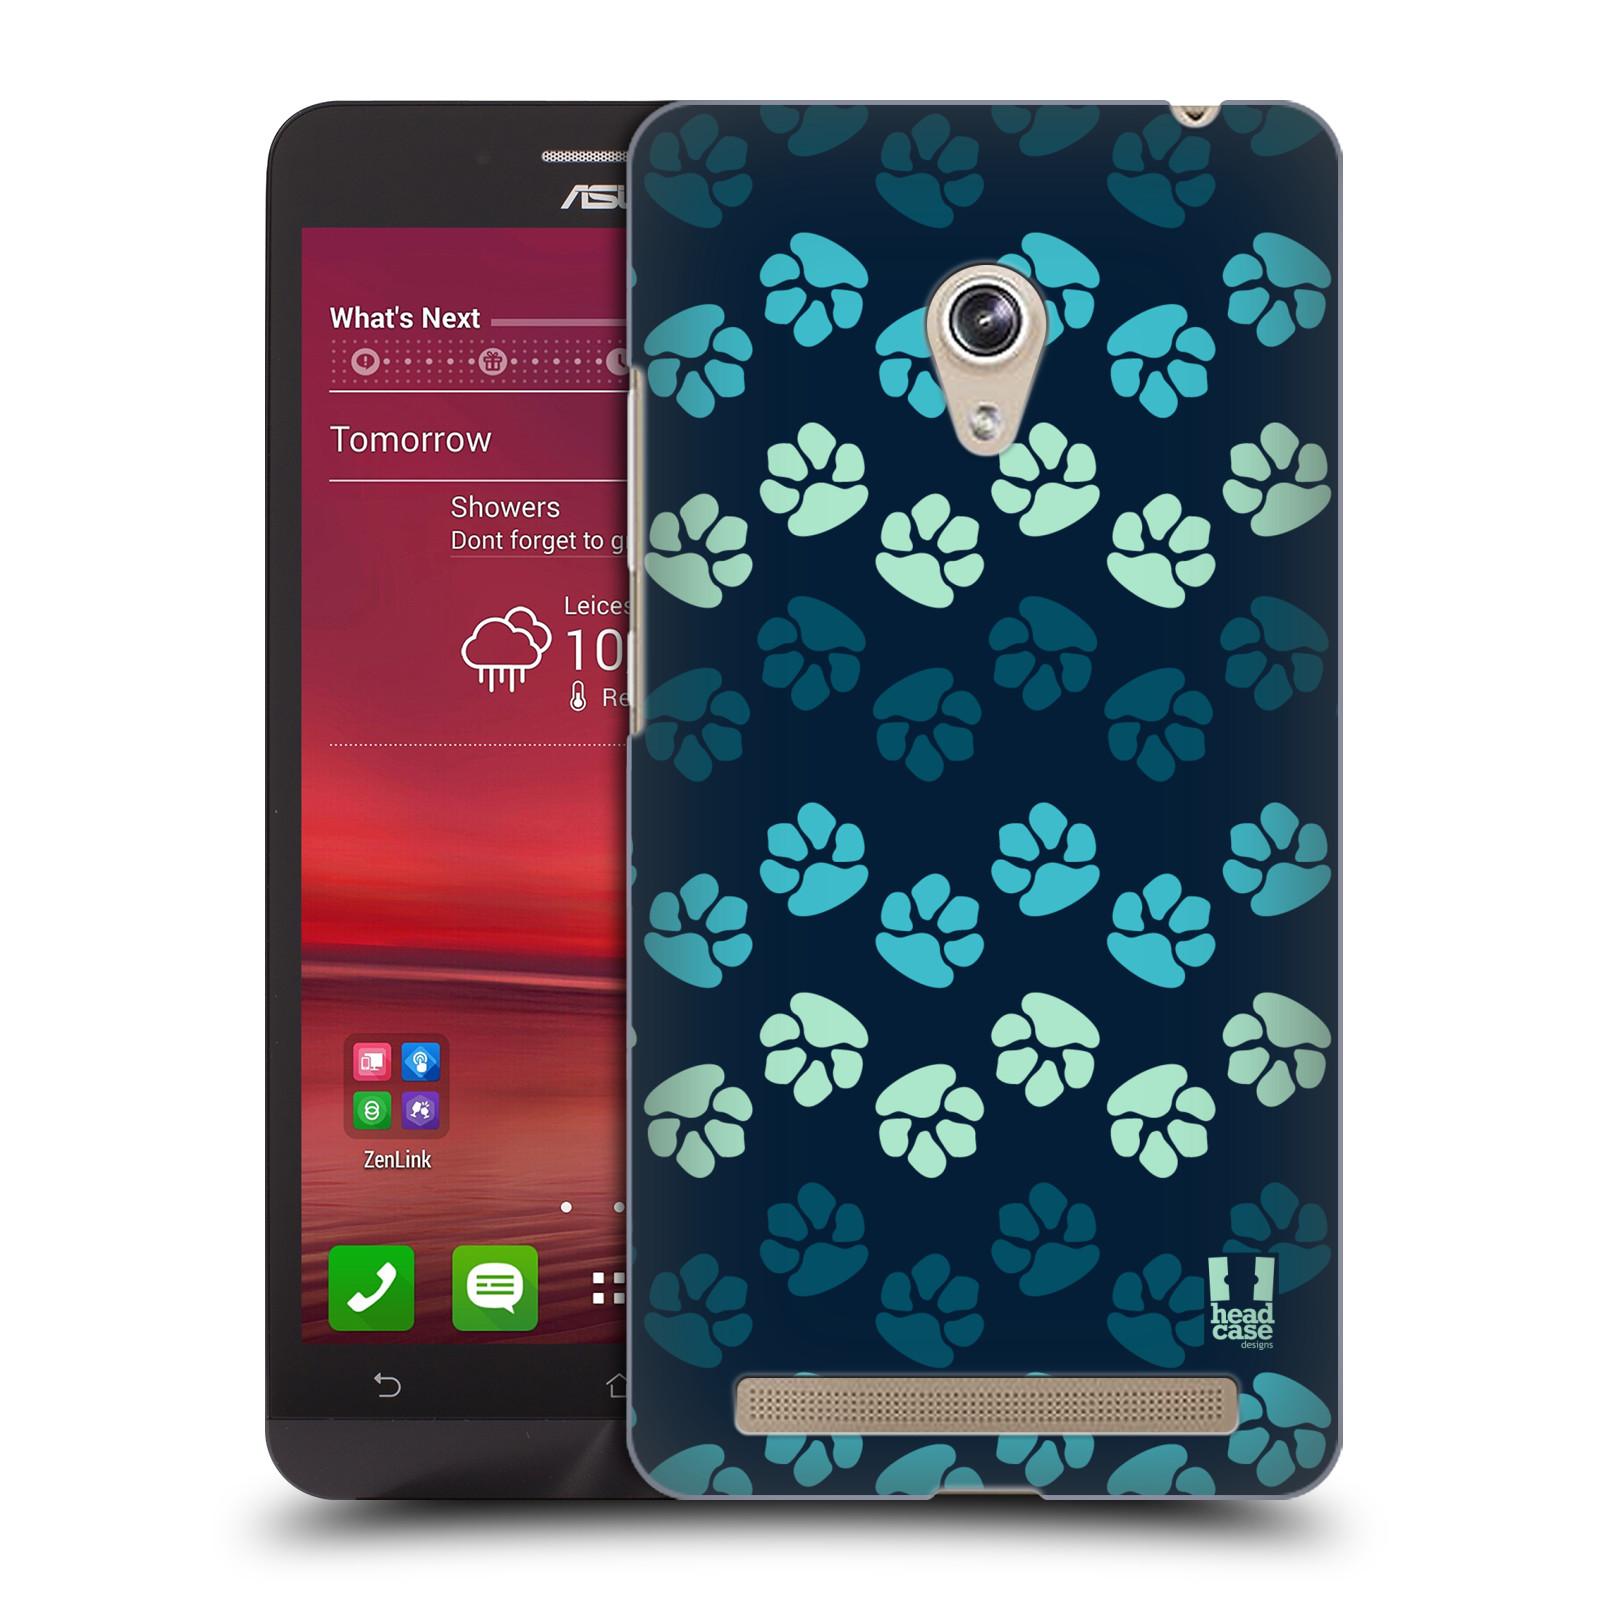 Plastové pouzdro na mobil Asus Zenfone 6 HEAD CASE TLAPKY MODRÉ (Kryt či obal na mobilní telefon Asus Zenfone 6 A600CG / A601CG)